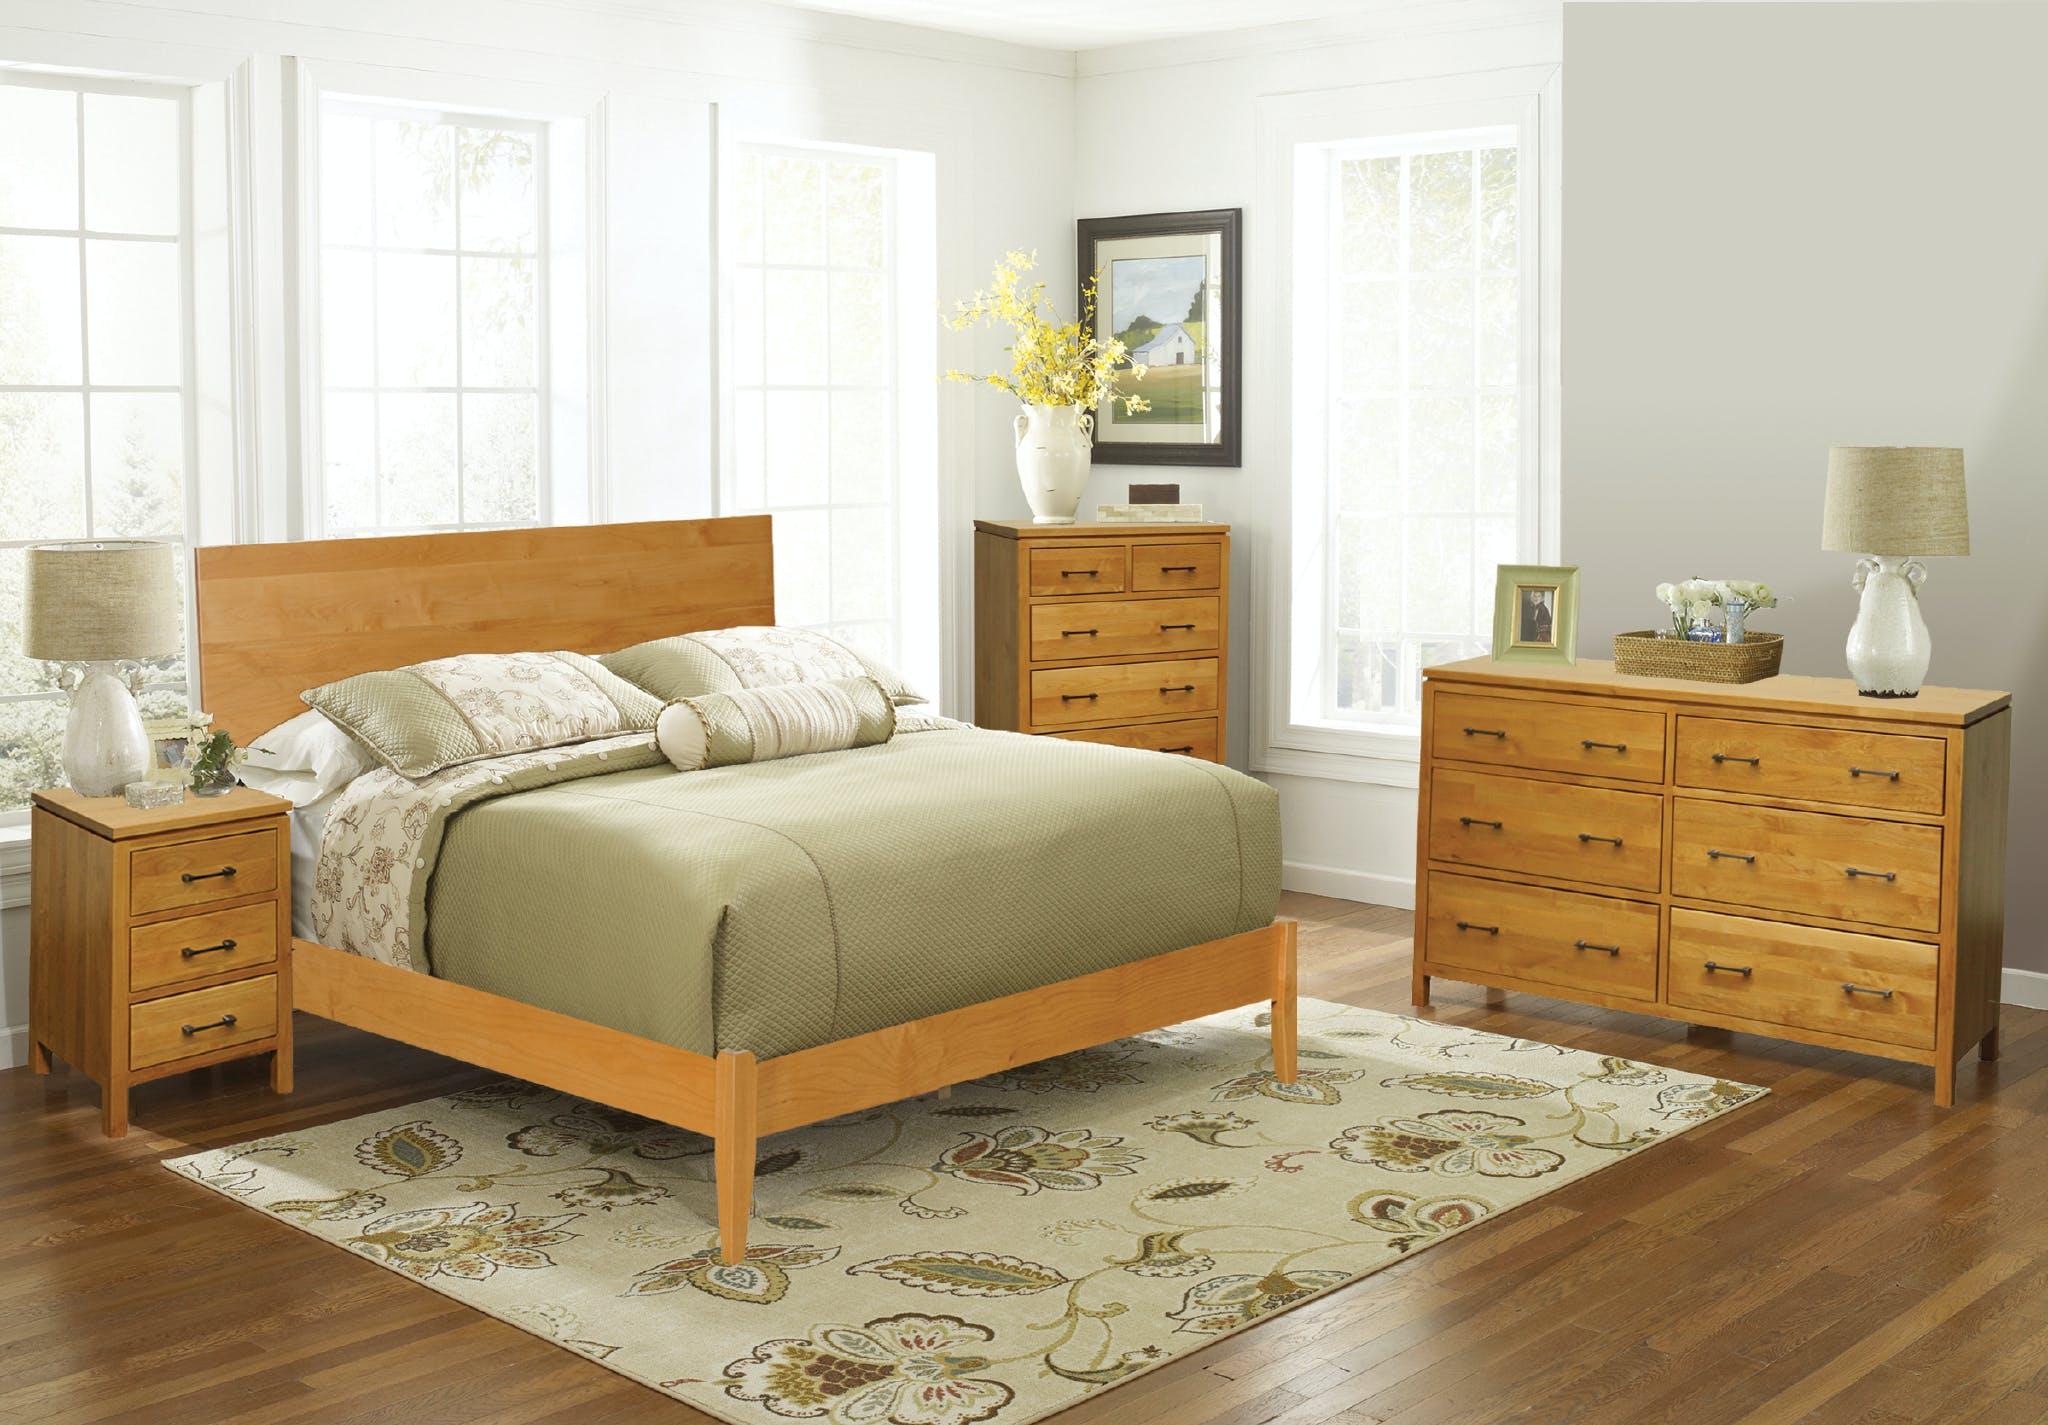 Archbold Furniture 2 West Bedroom Set Solid Wood